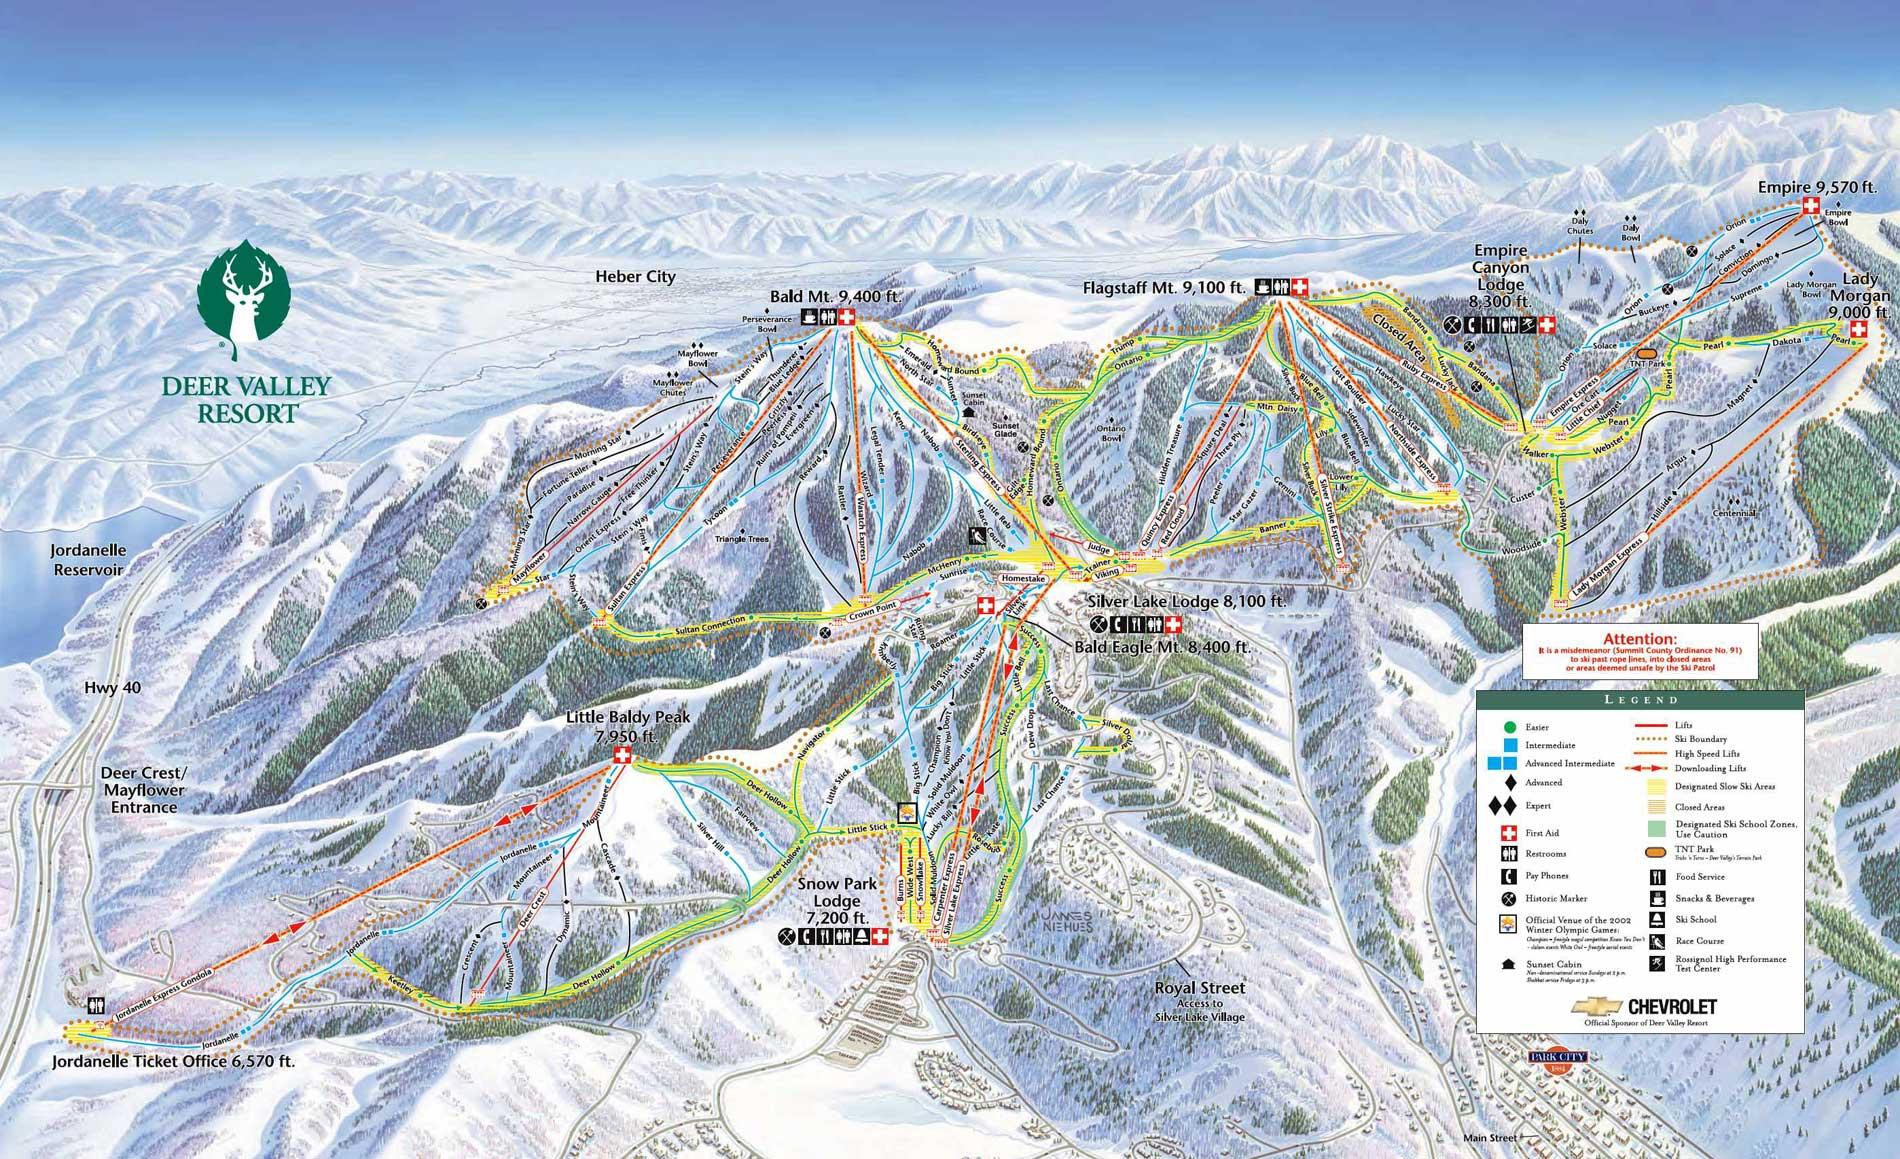 Pistenplan f�r Skigebiet Deer Valley, Utah, USA